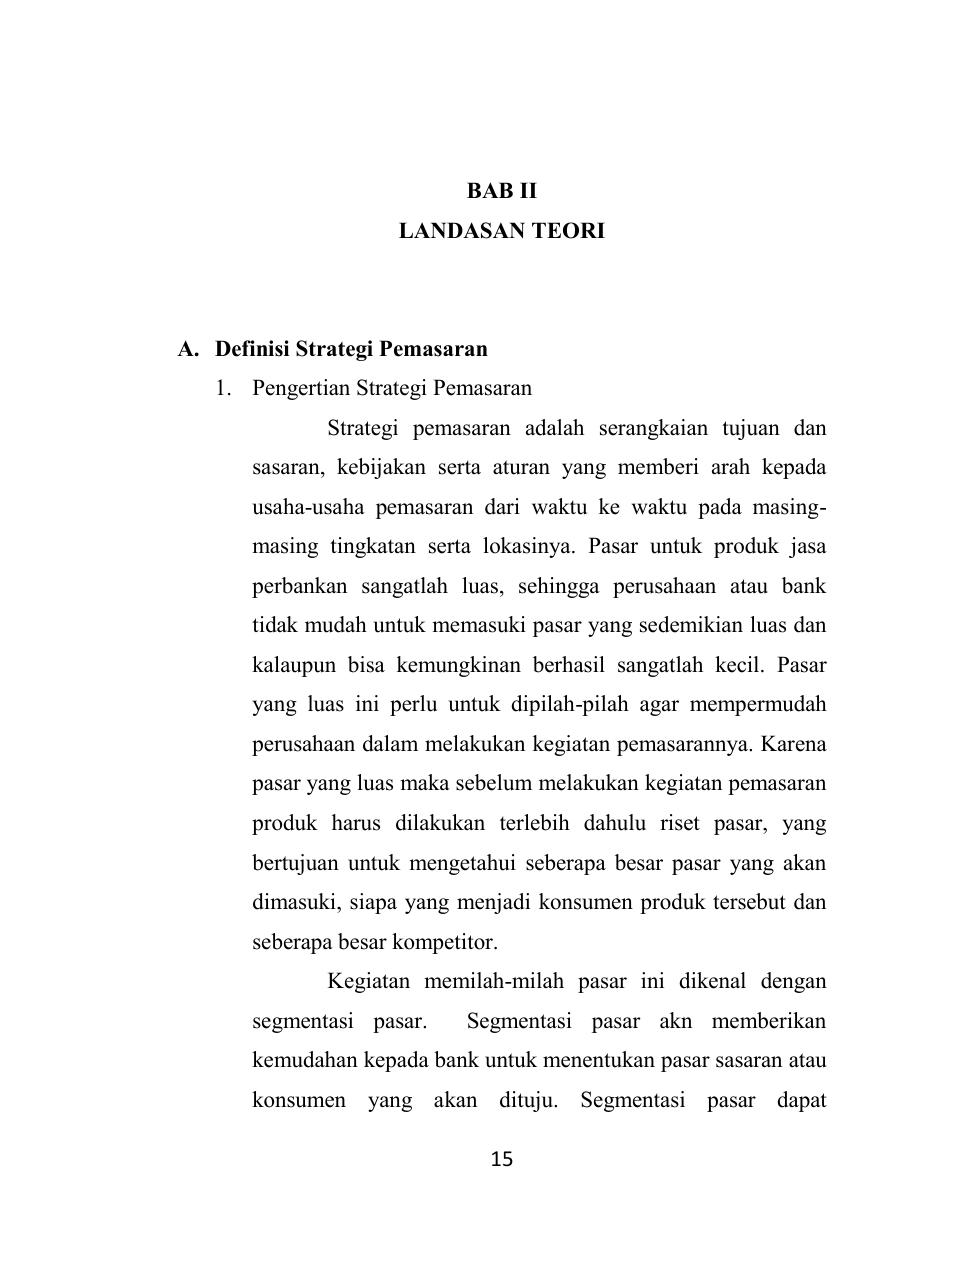 strategi perdagangan pengembalian makna